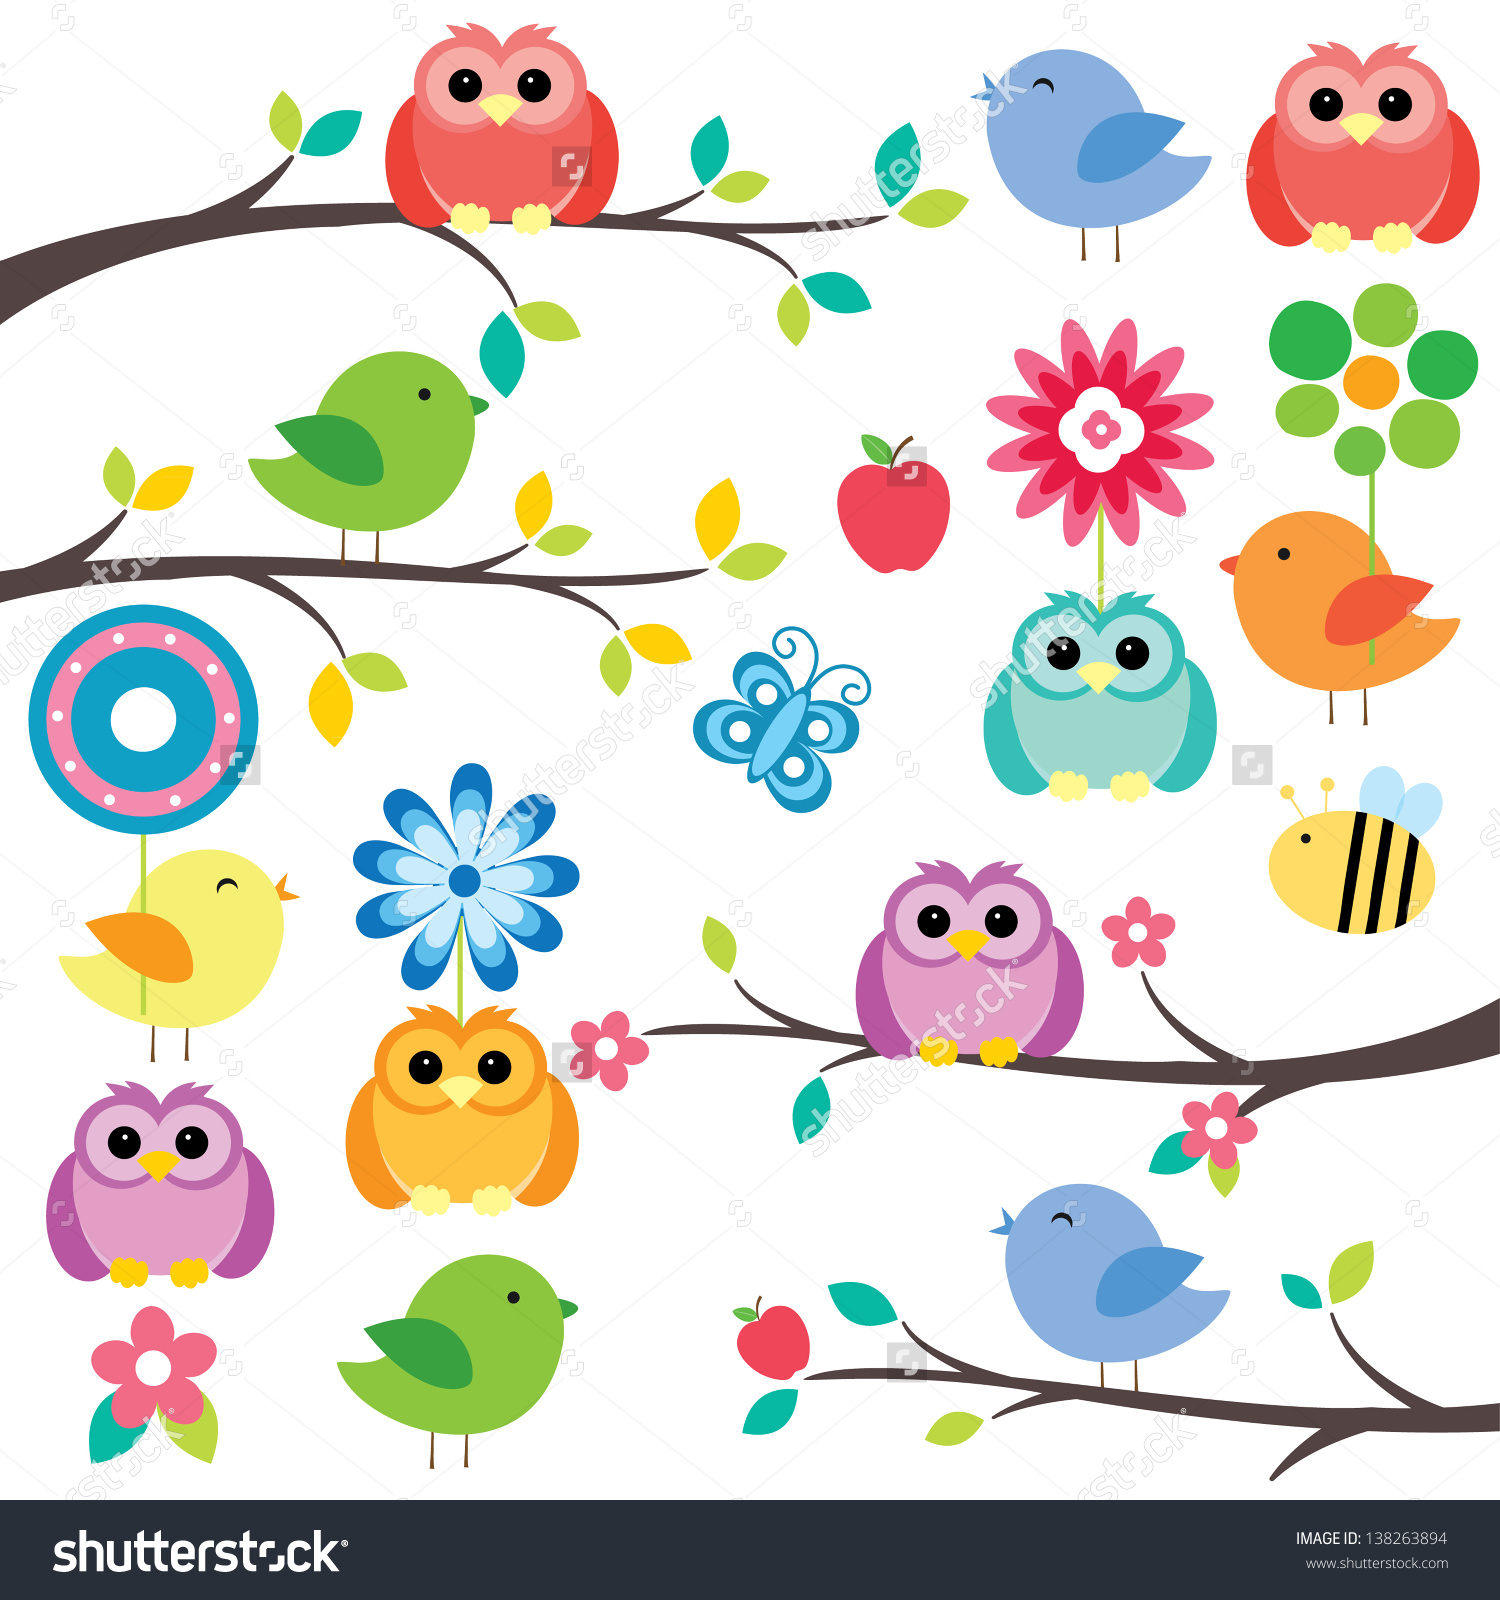 Birds On Tree Digital Clip Art Stock Vector 138263894.